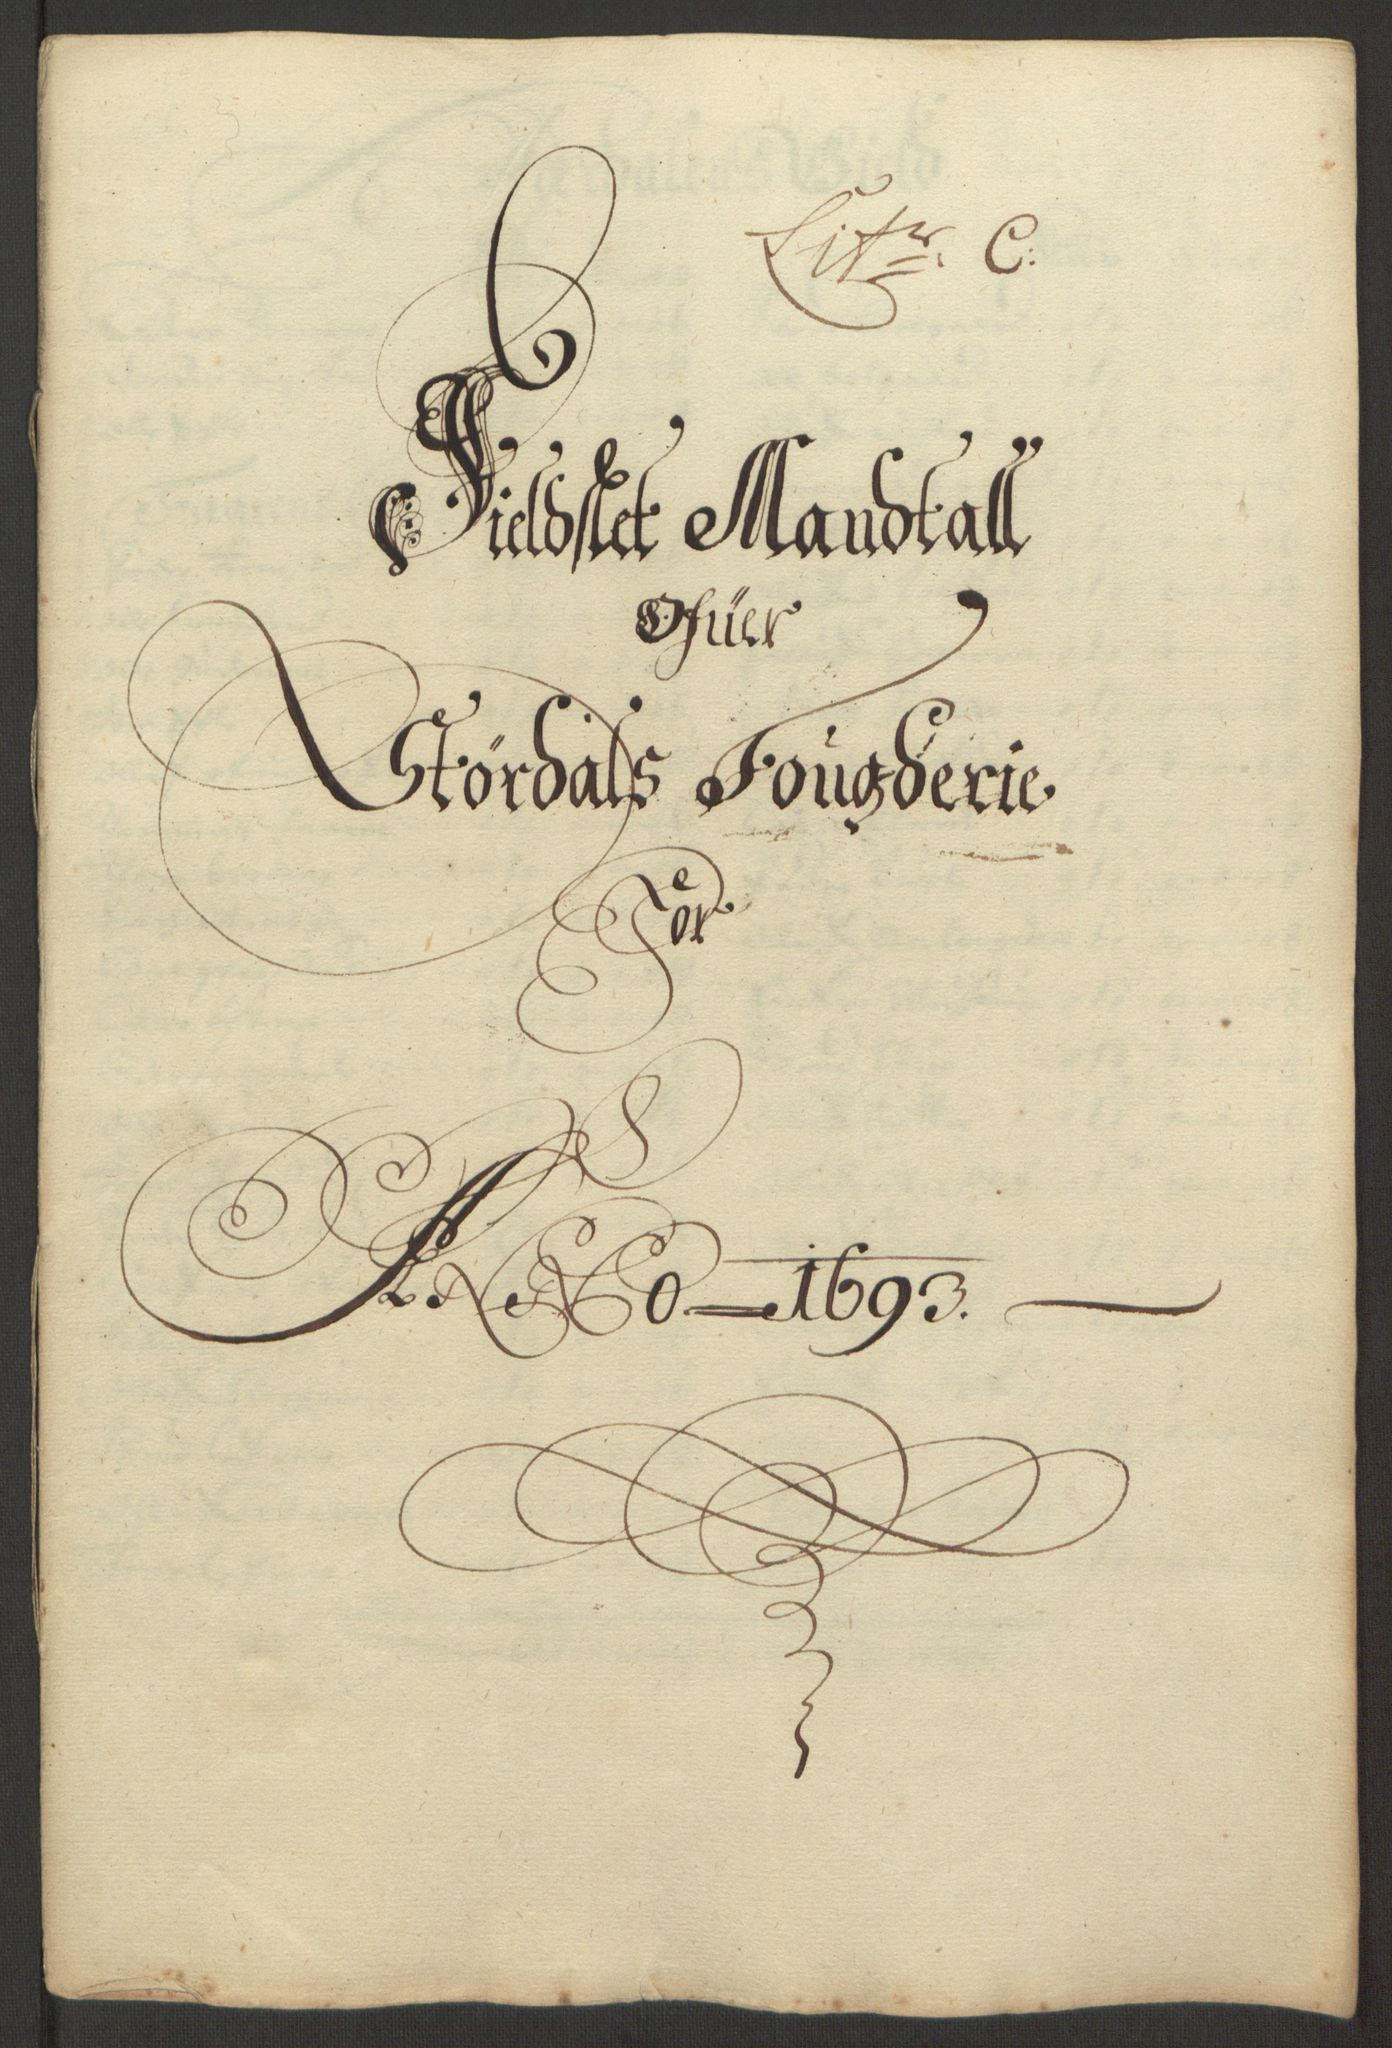 RA, Rentekammeret inntil 1814, Reviderte regnskaper, Fogderegnskap, R62/L4186: Fogderegnskap Stjørdal og Verdal, 1693-1694, s. 32